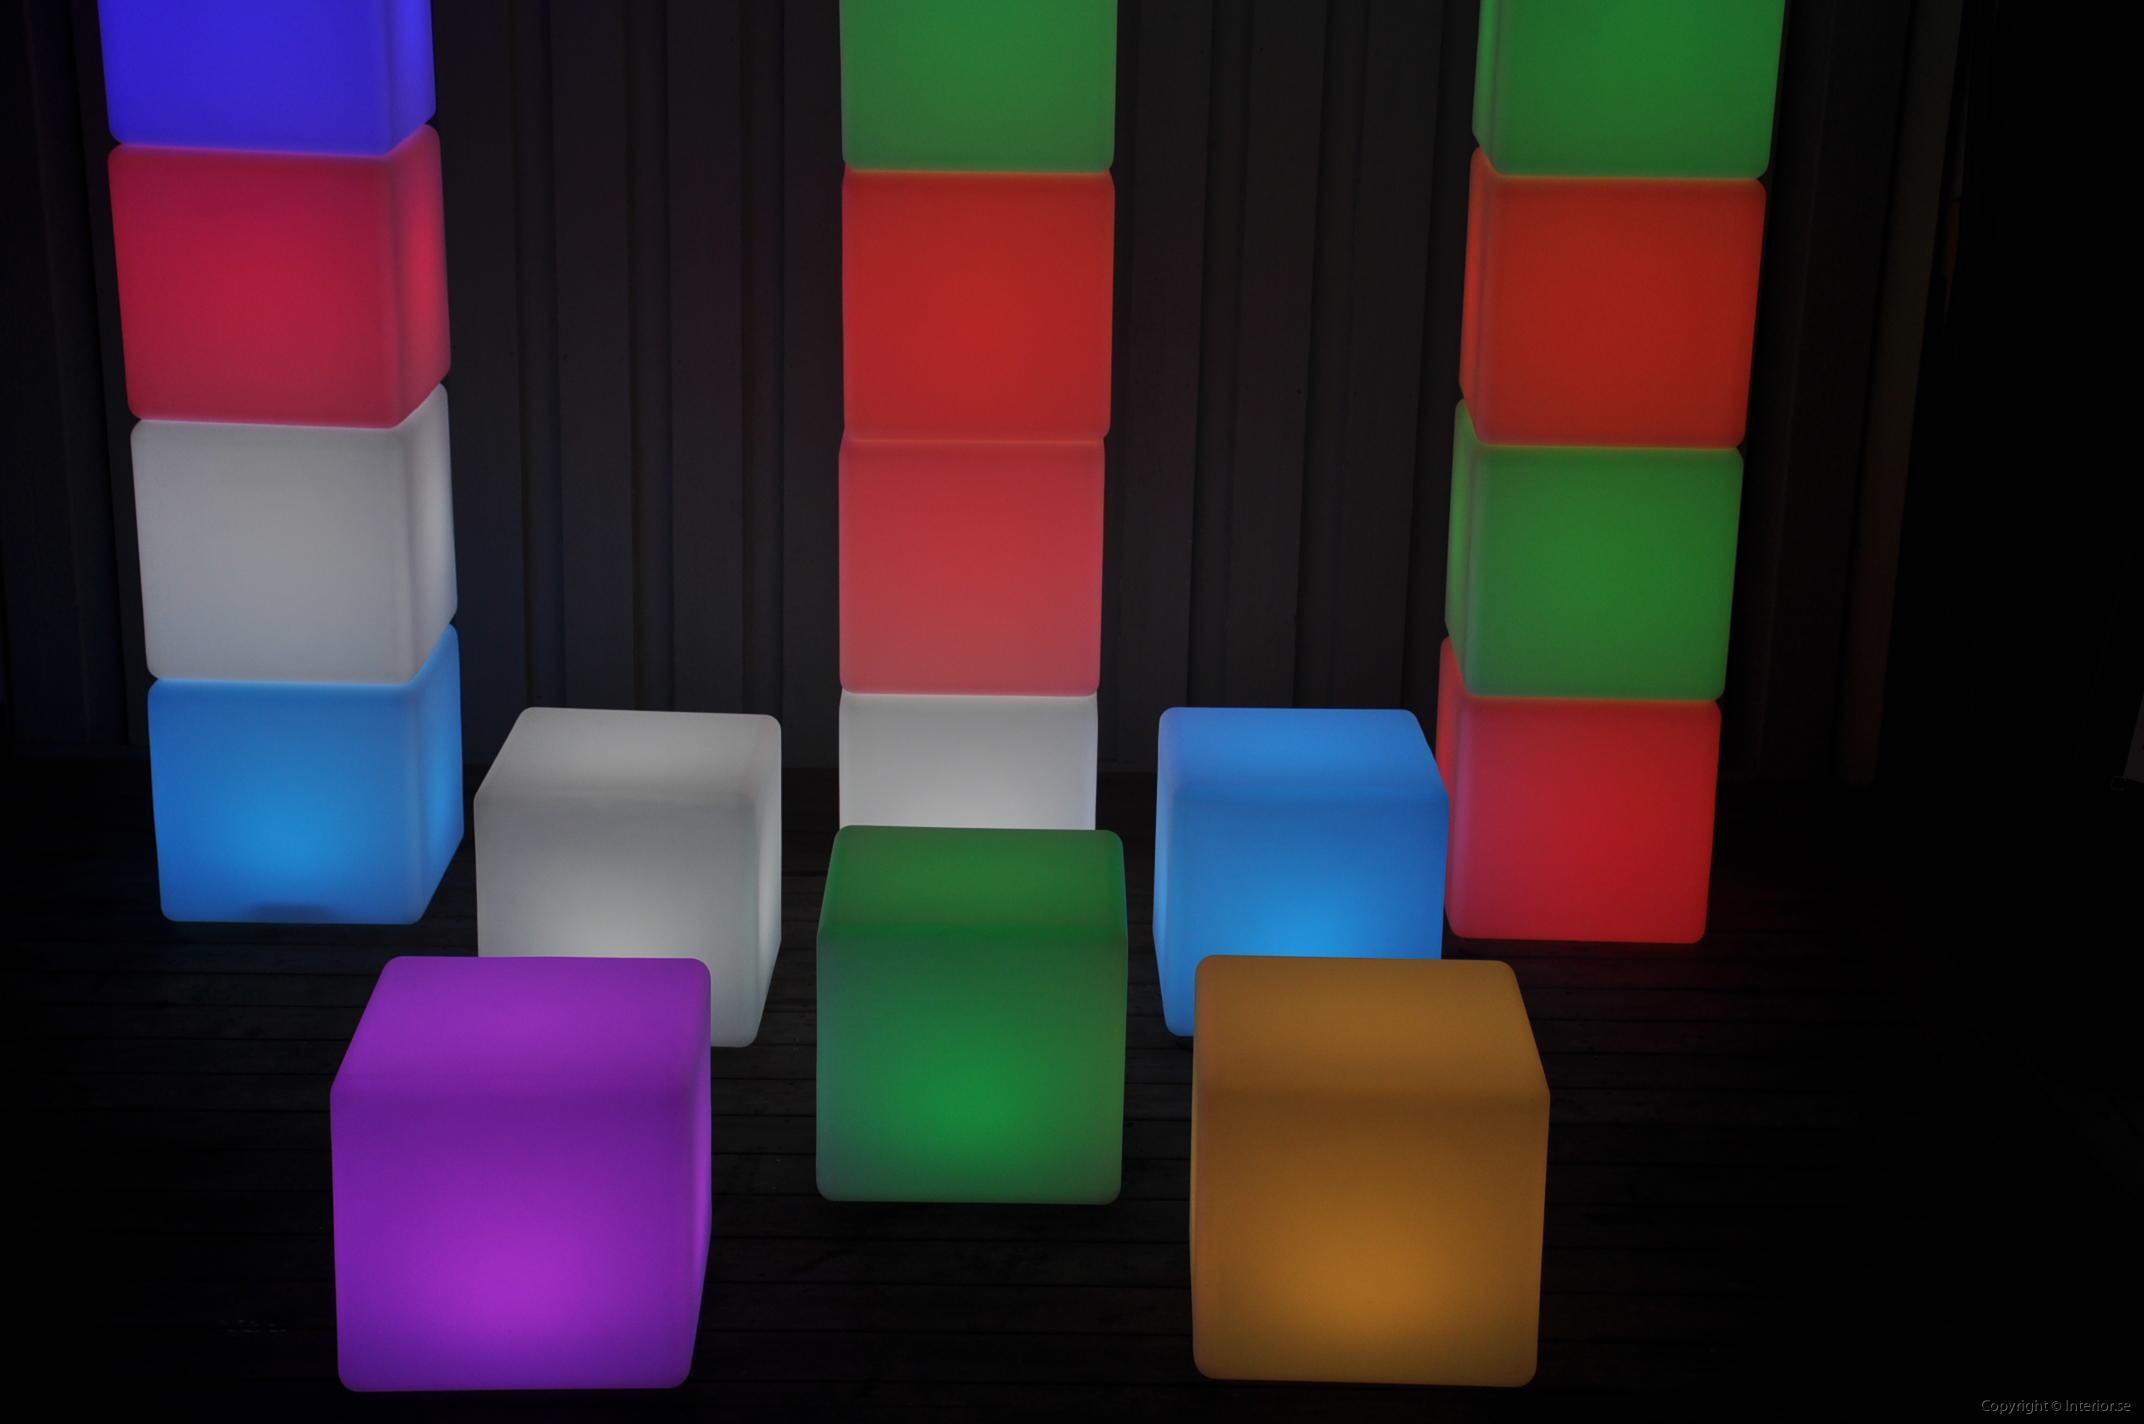 Hyra led möbler ledmöbler stockholm event möbler hyr möbler stockholm event led furniture hire stockholm